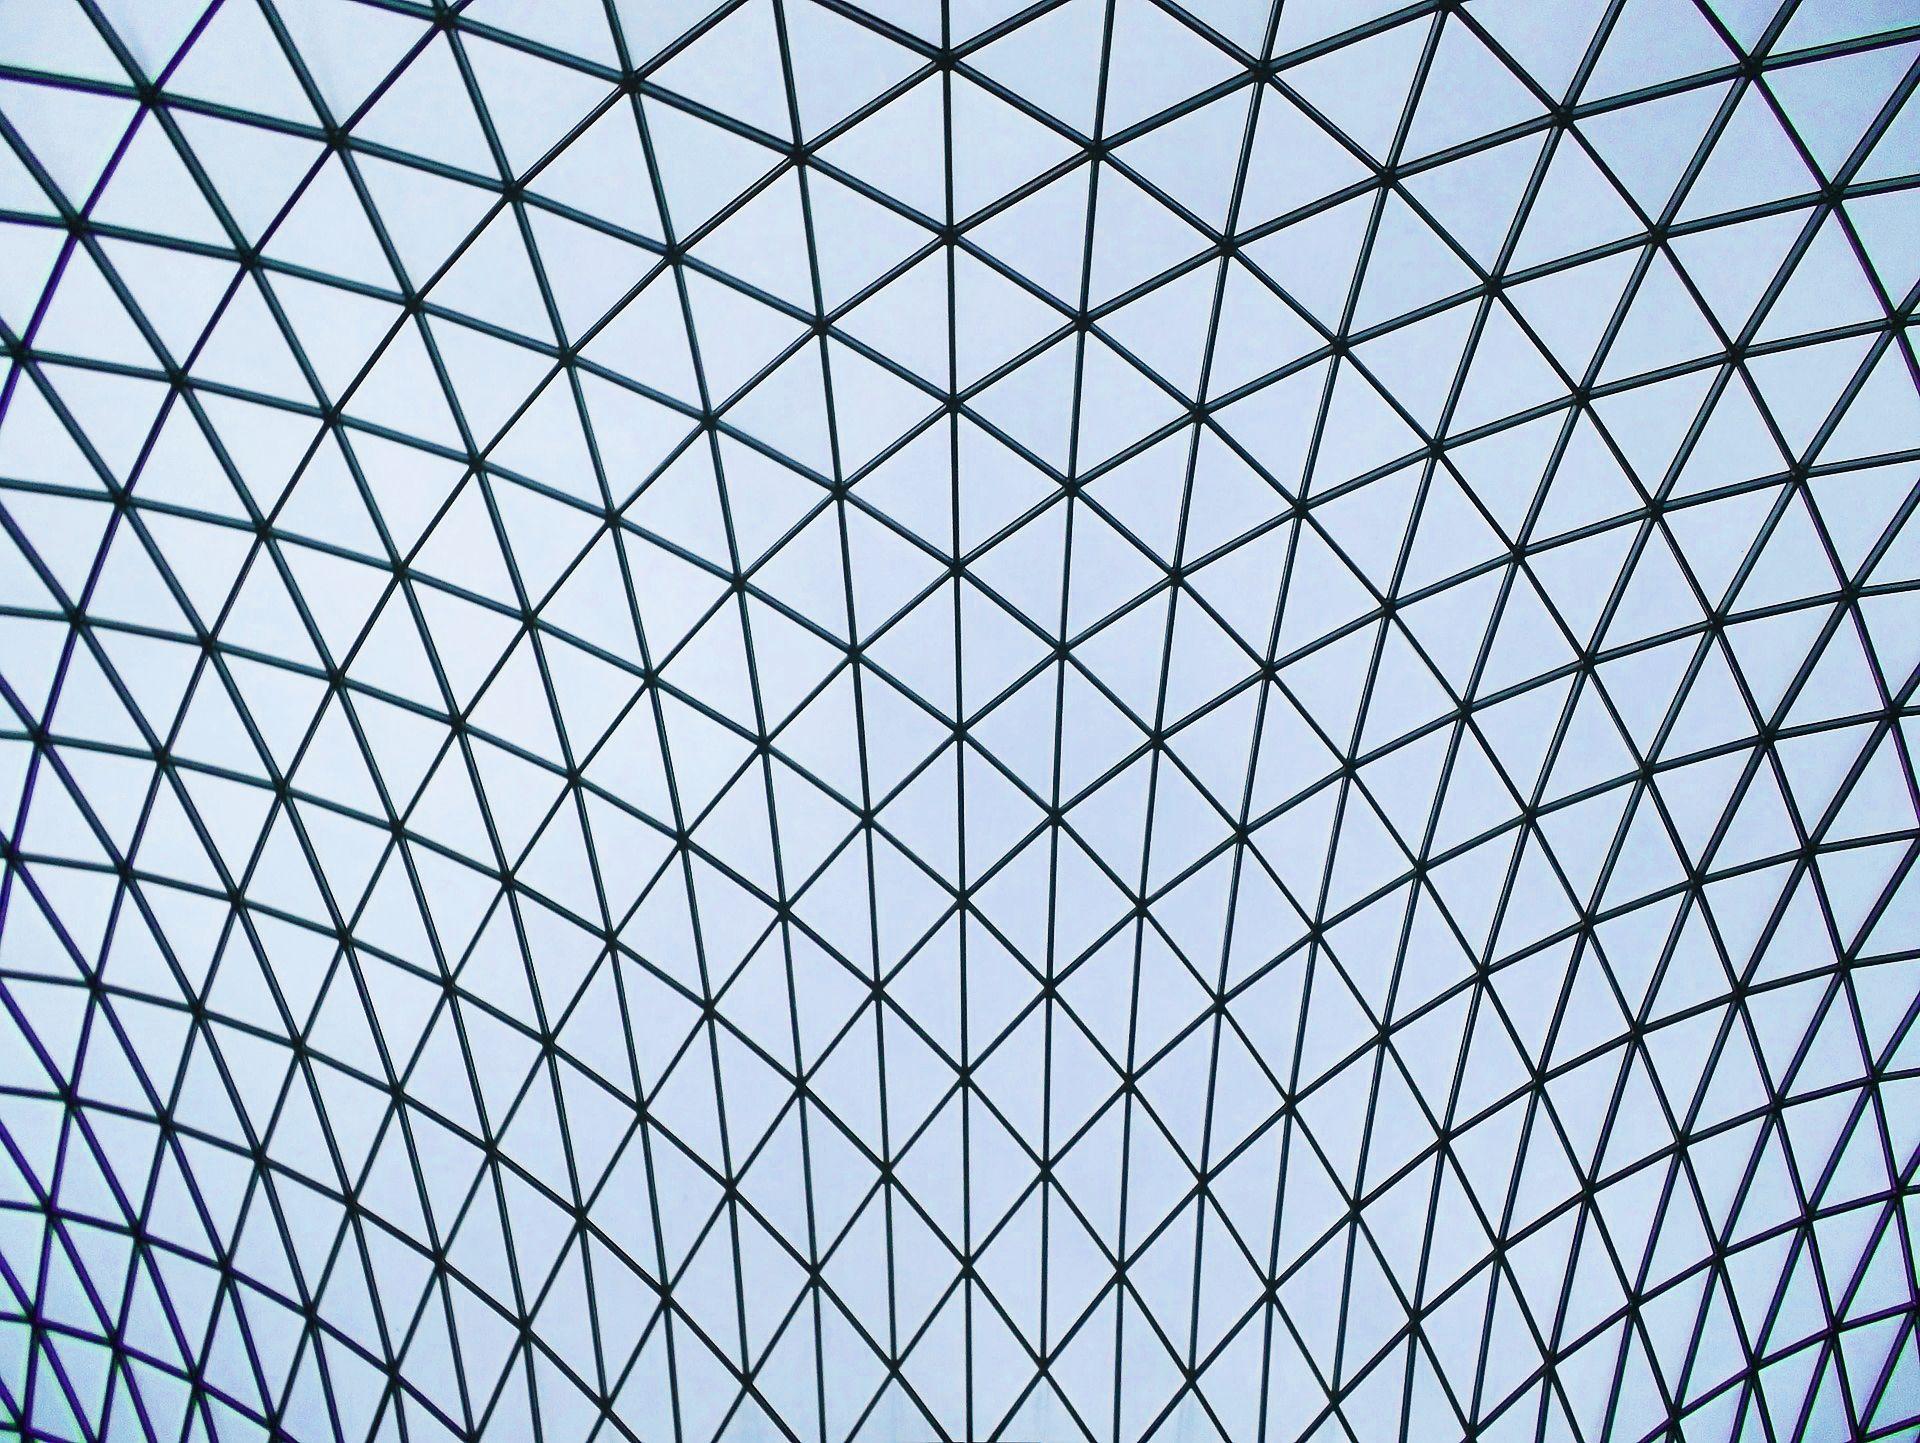 queen elizabeth ii great court skylight modlar com